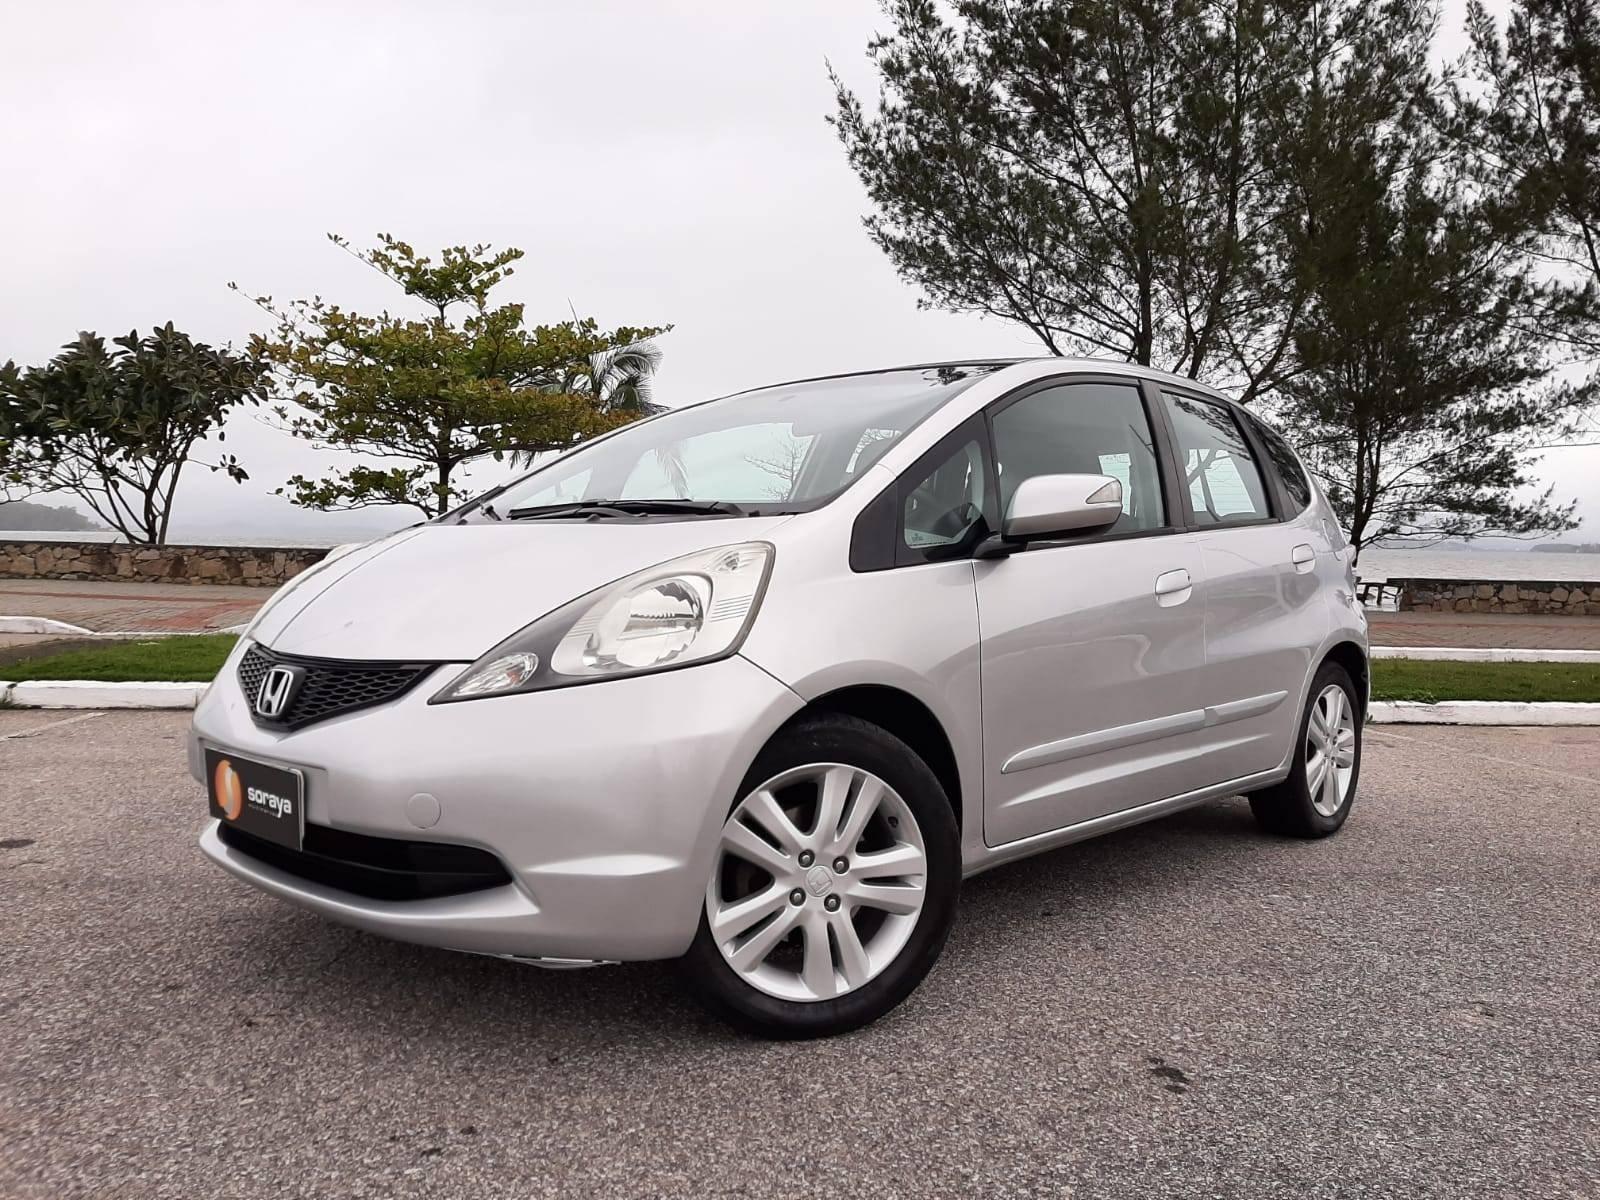 //www.autoline.com.br/carro/honda/fit-15-ex-16v-flex-4p-manual/2009/florianopolis-sc/15886270